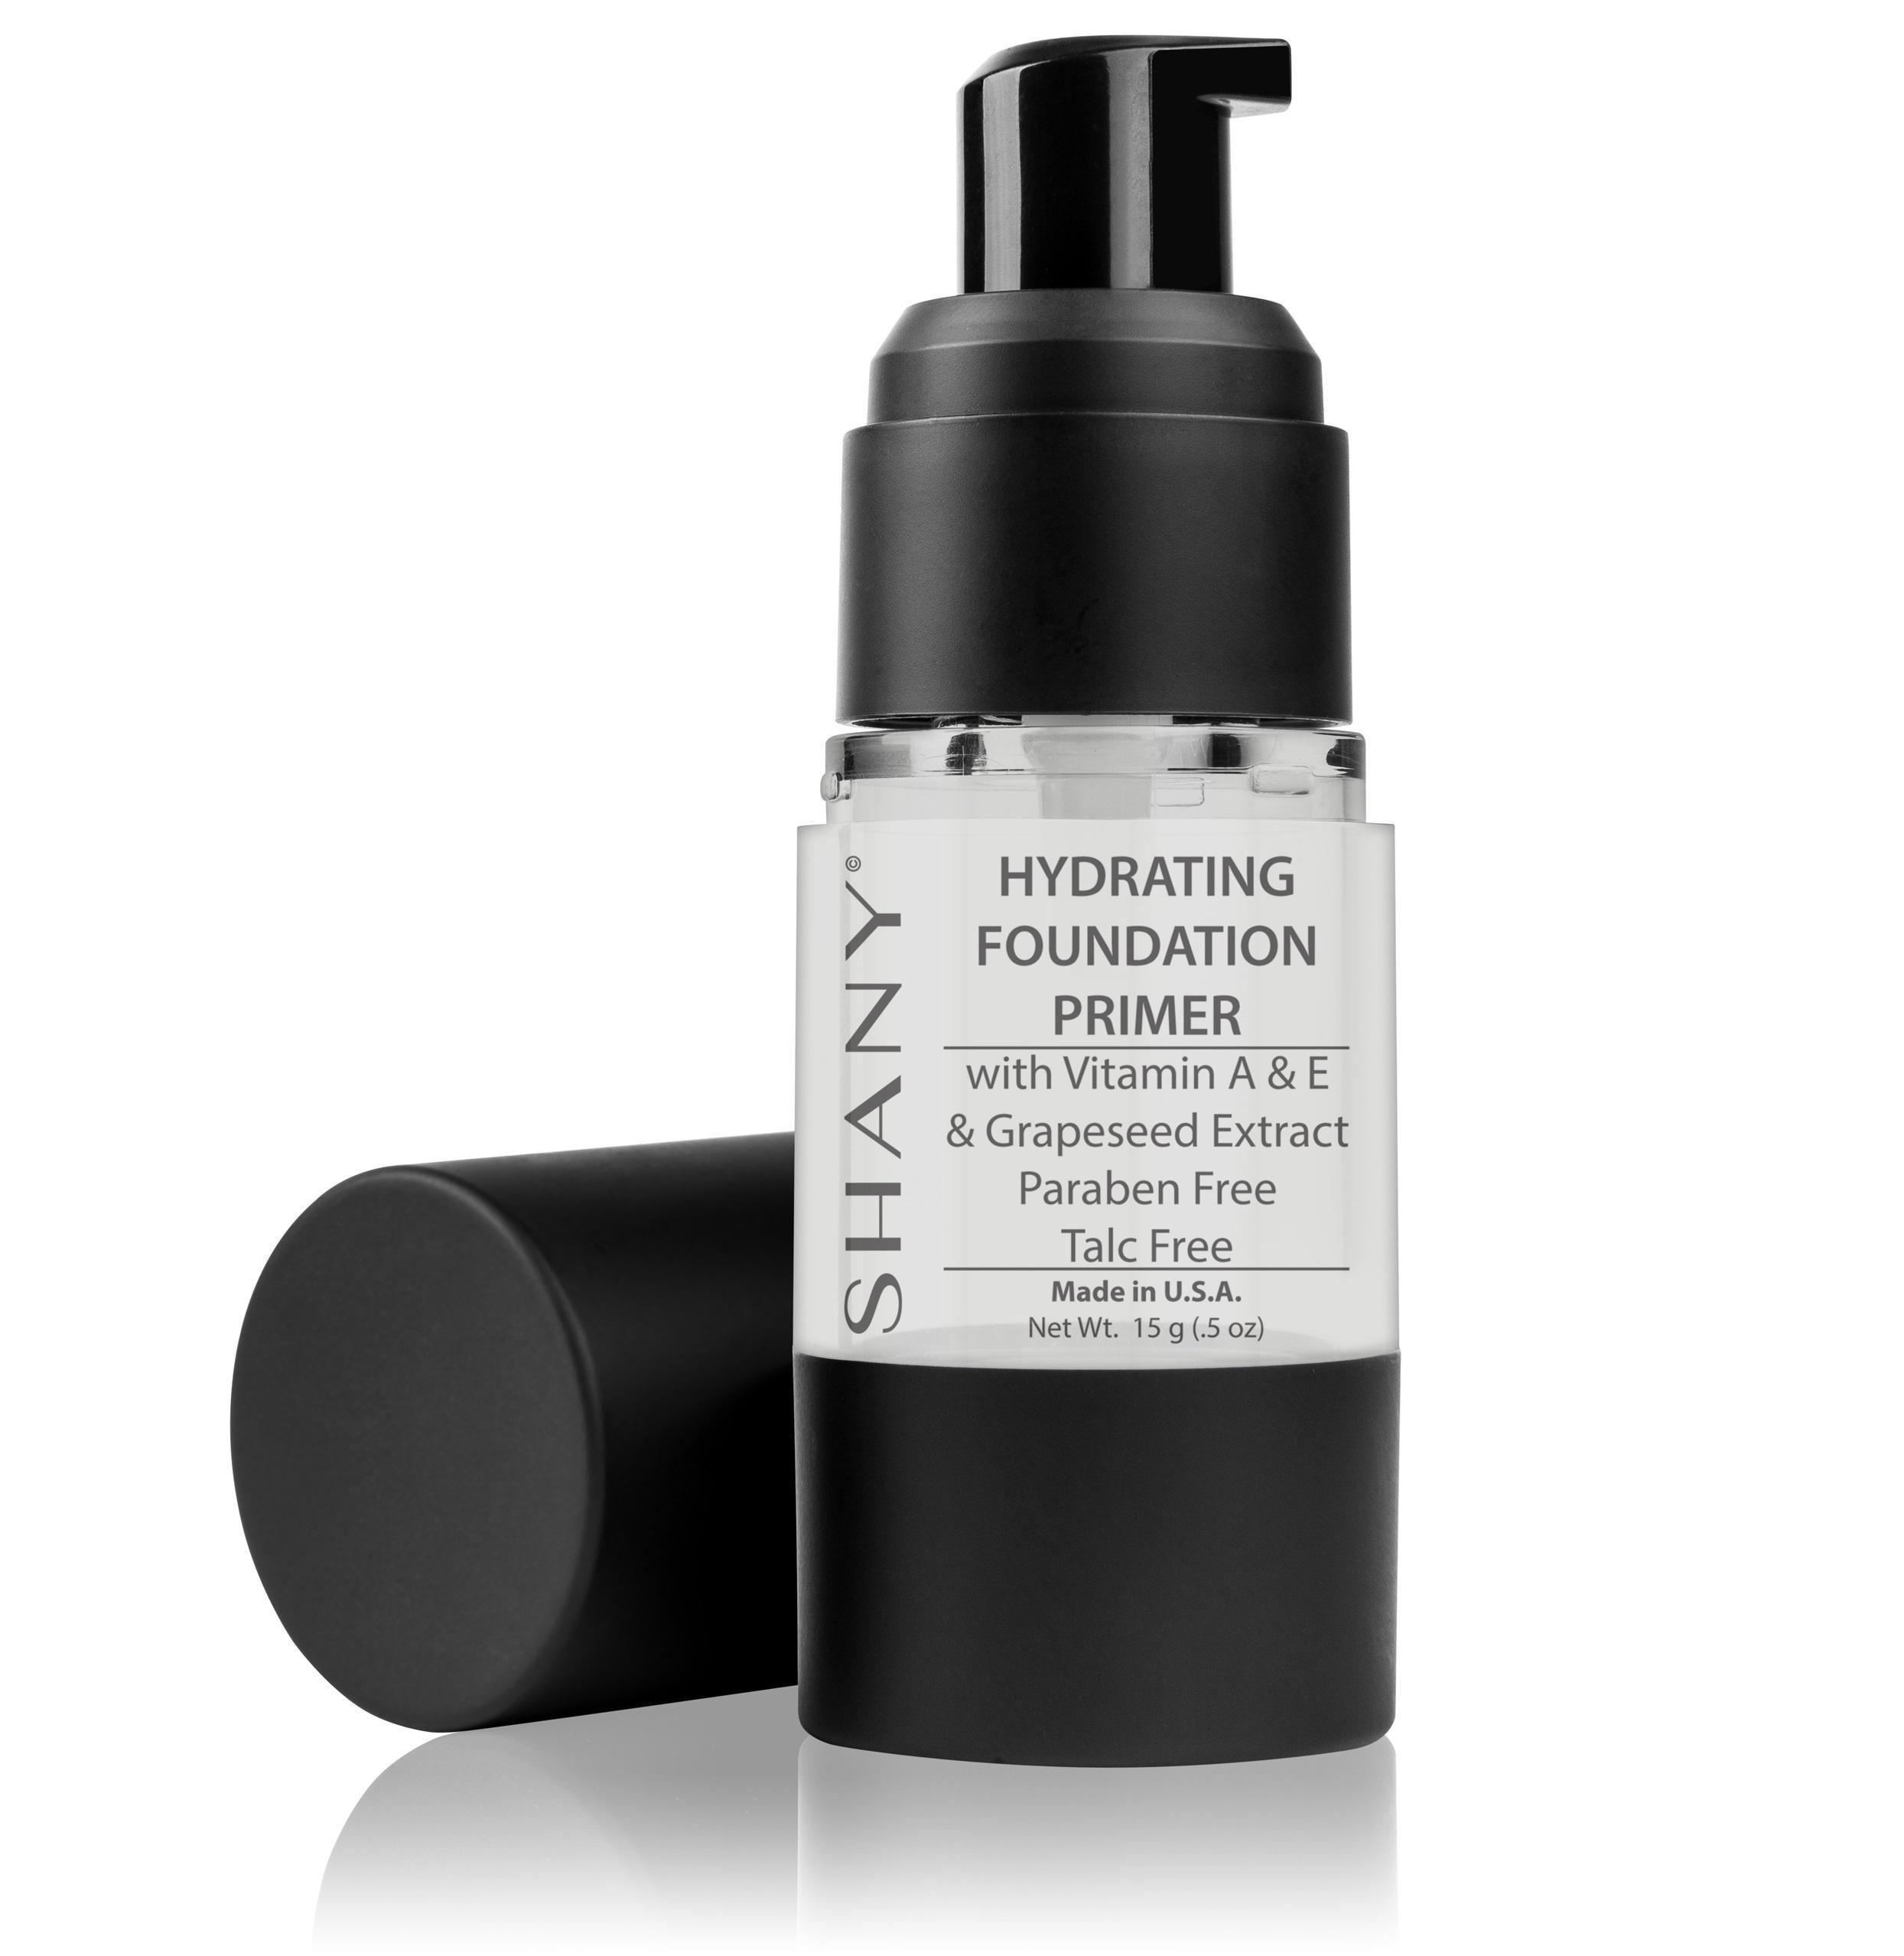 Amazon.com: SHANY Hydrating Face Primer - Paraben Free/Talc Free, 0.5